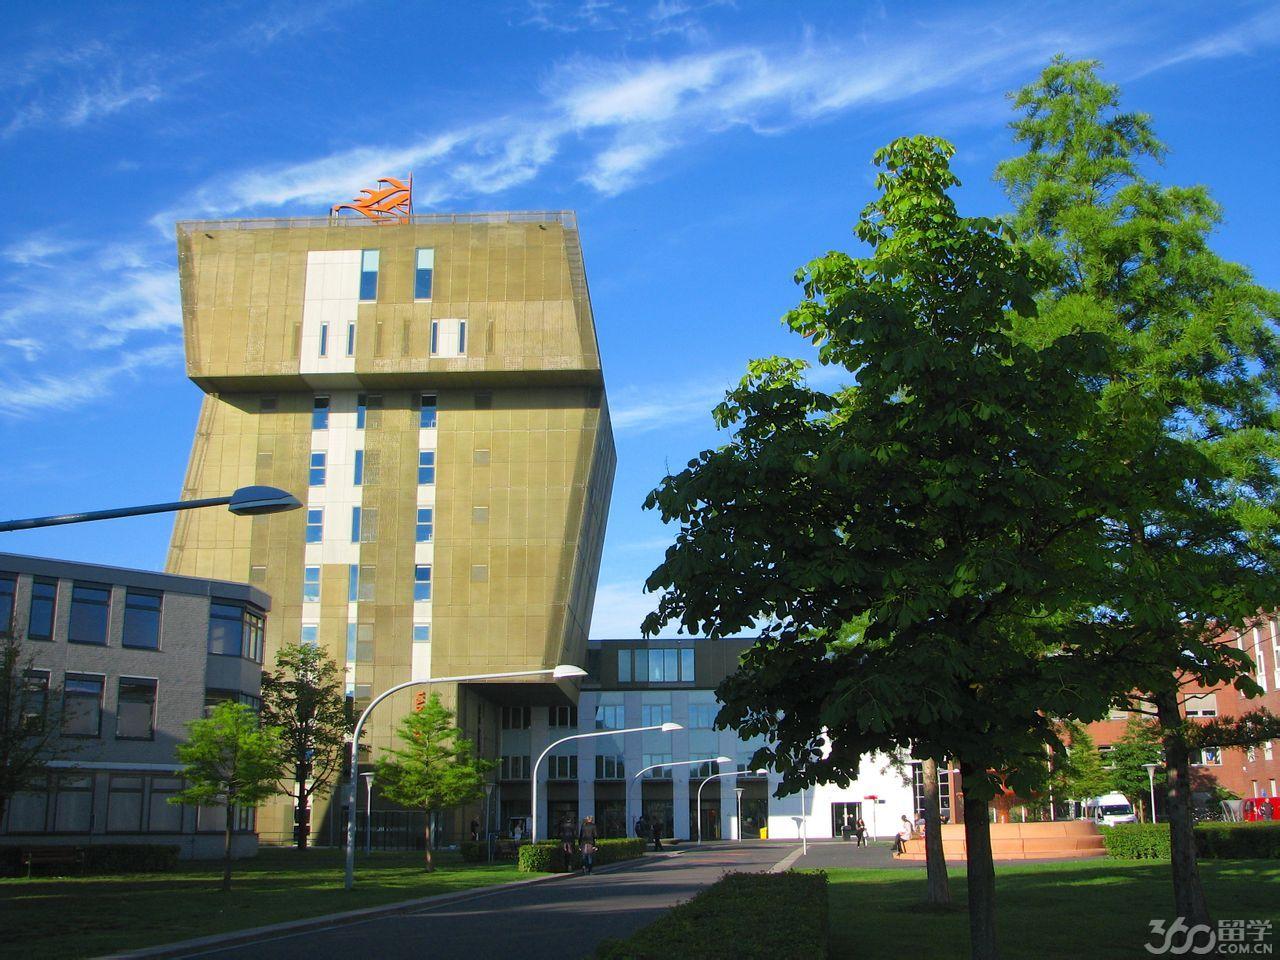 格罗宁根汉斯大学